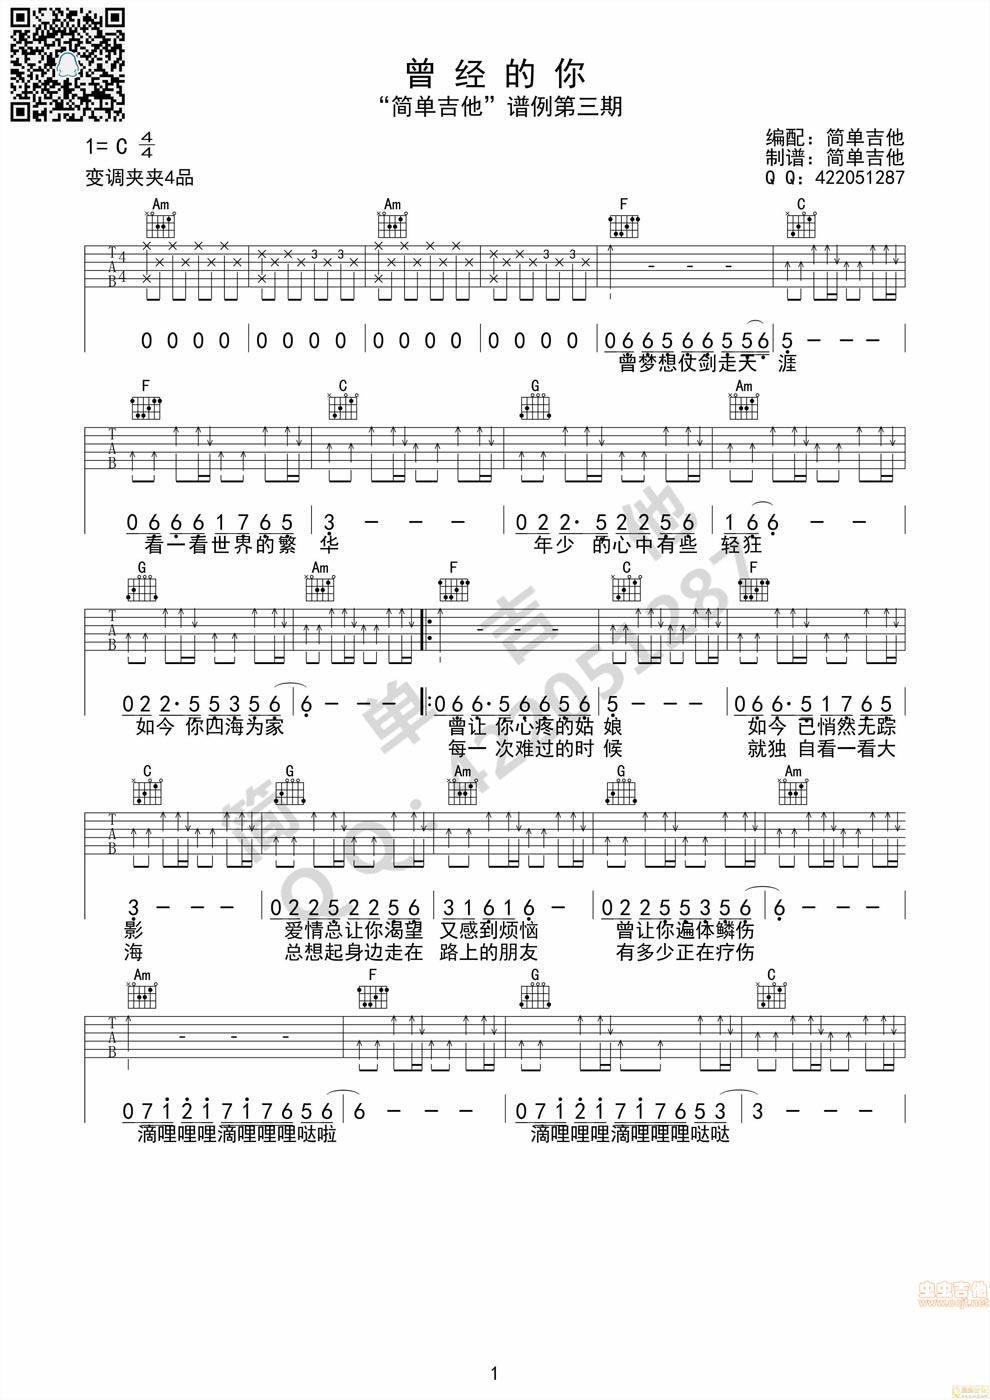 《曾经的你-许巍-c调版吉他图谱》吉他谱图片